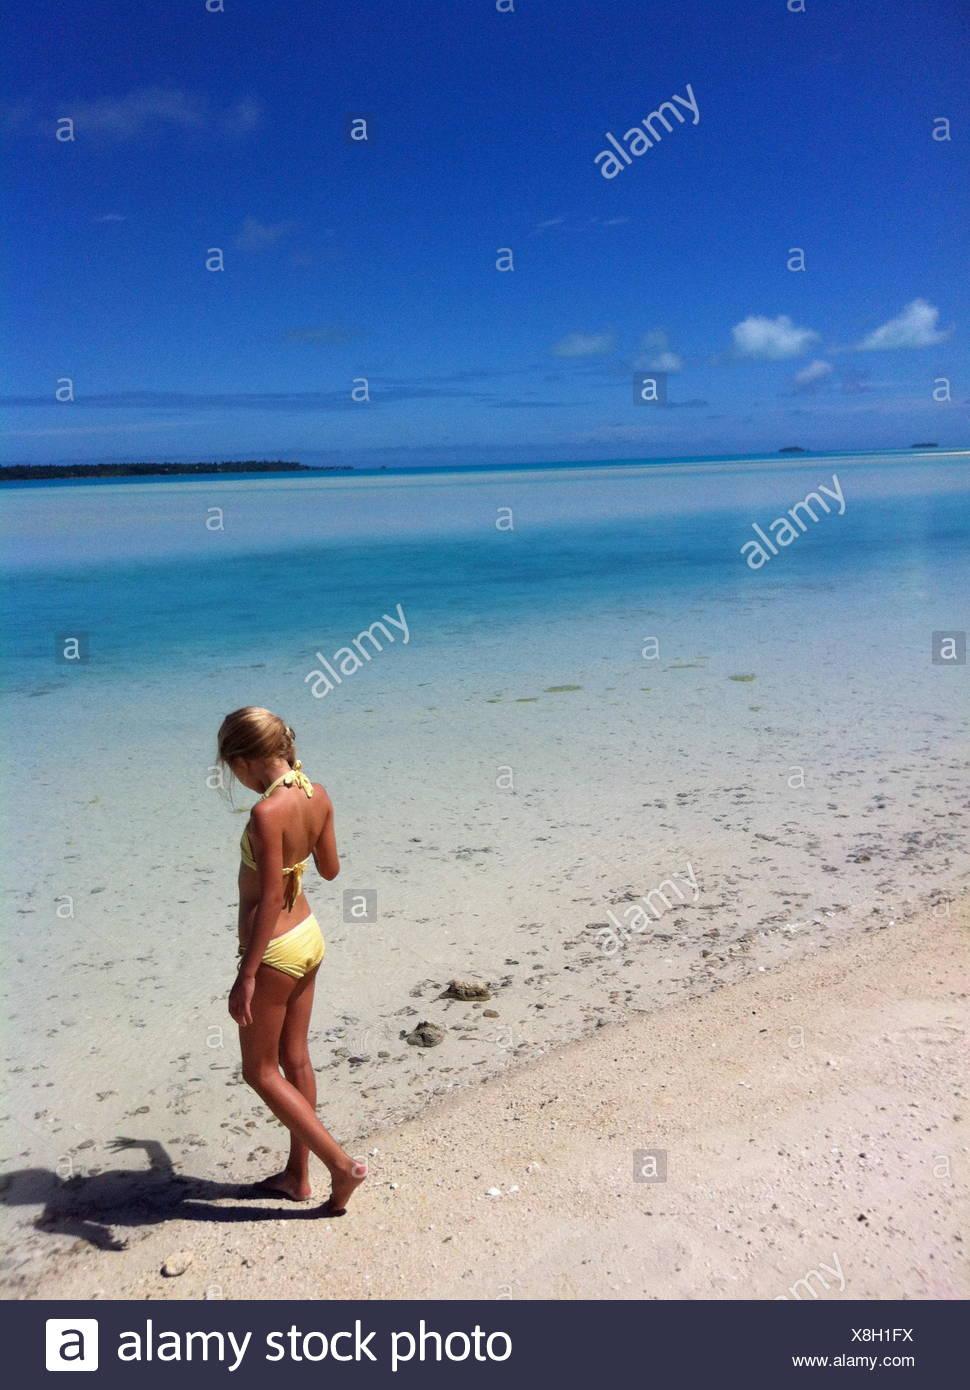 Mädchen am Strand am Ufer stehen Stockbild